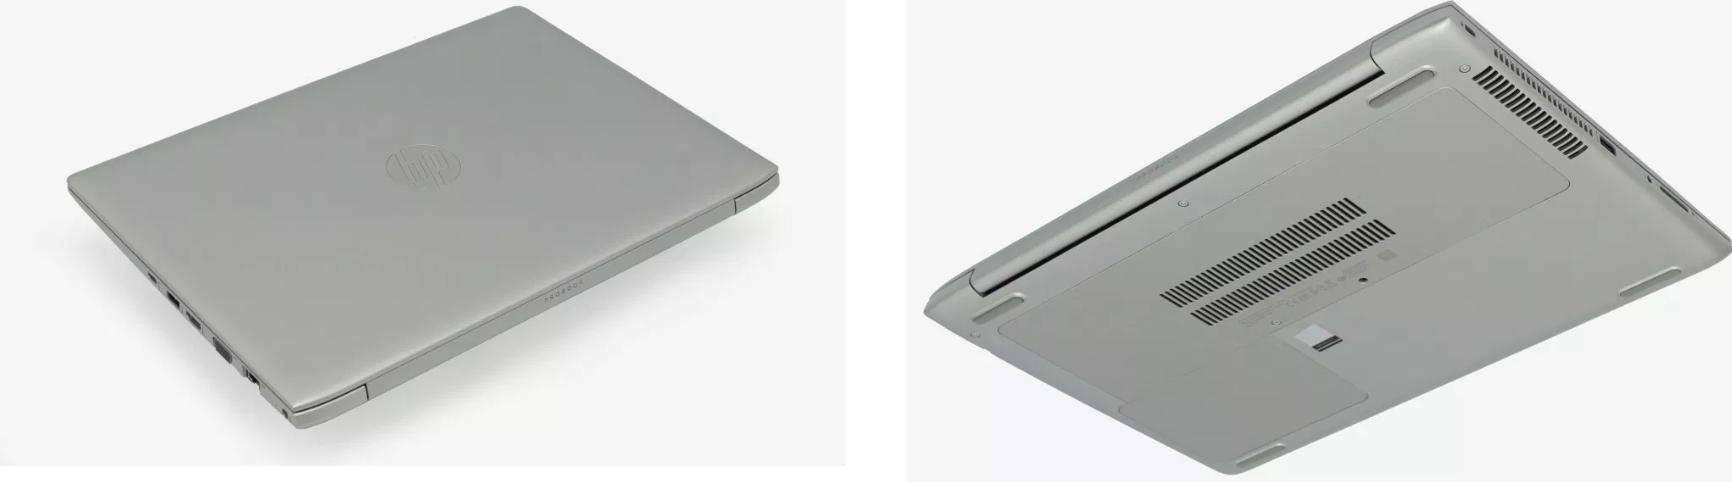 HP 惠普 ProBook 440 G5 评测